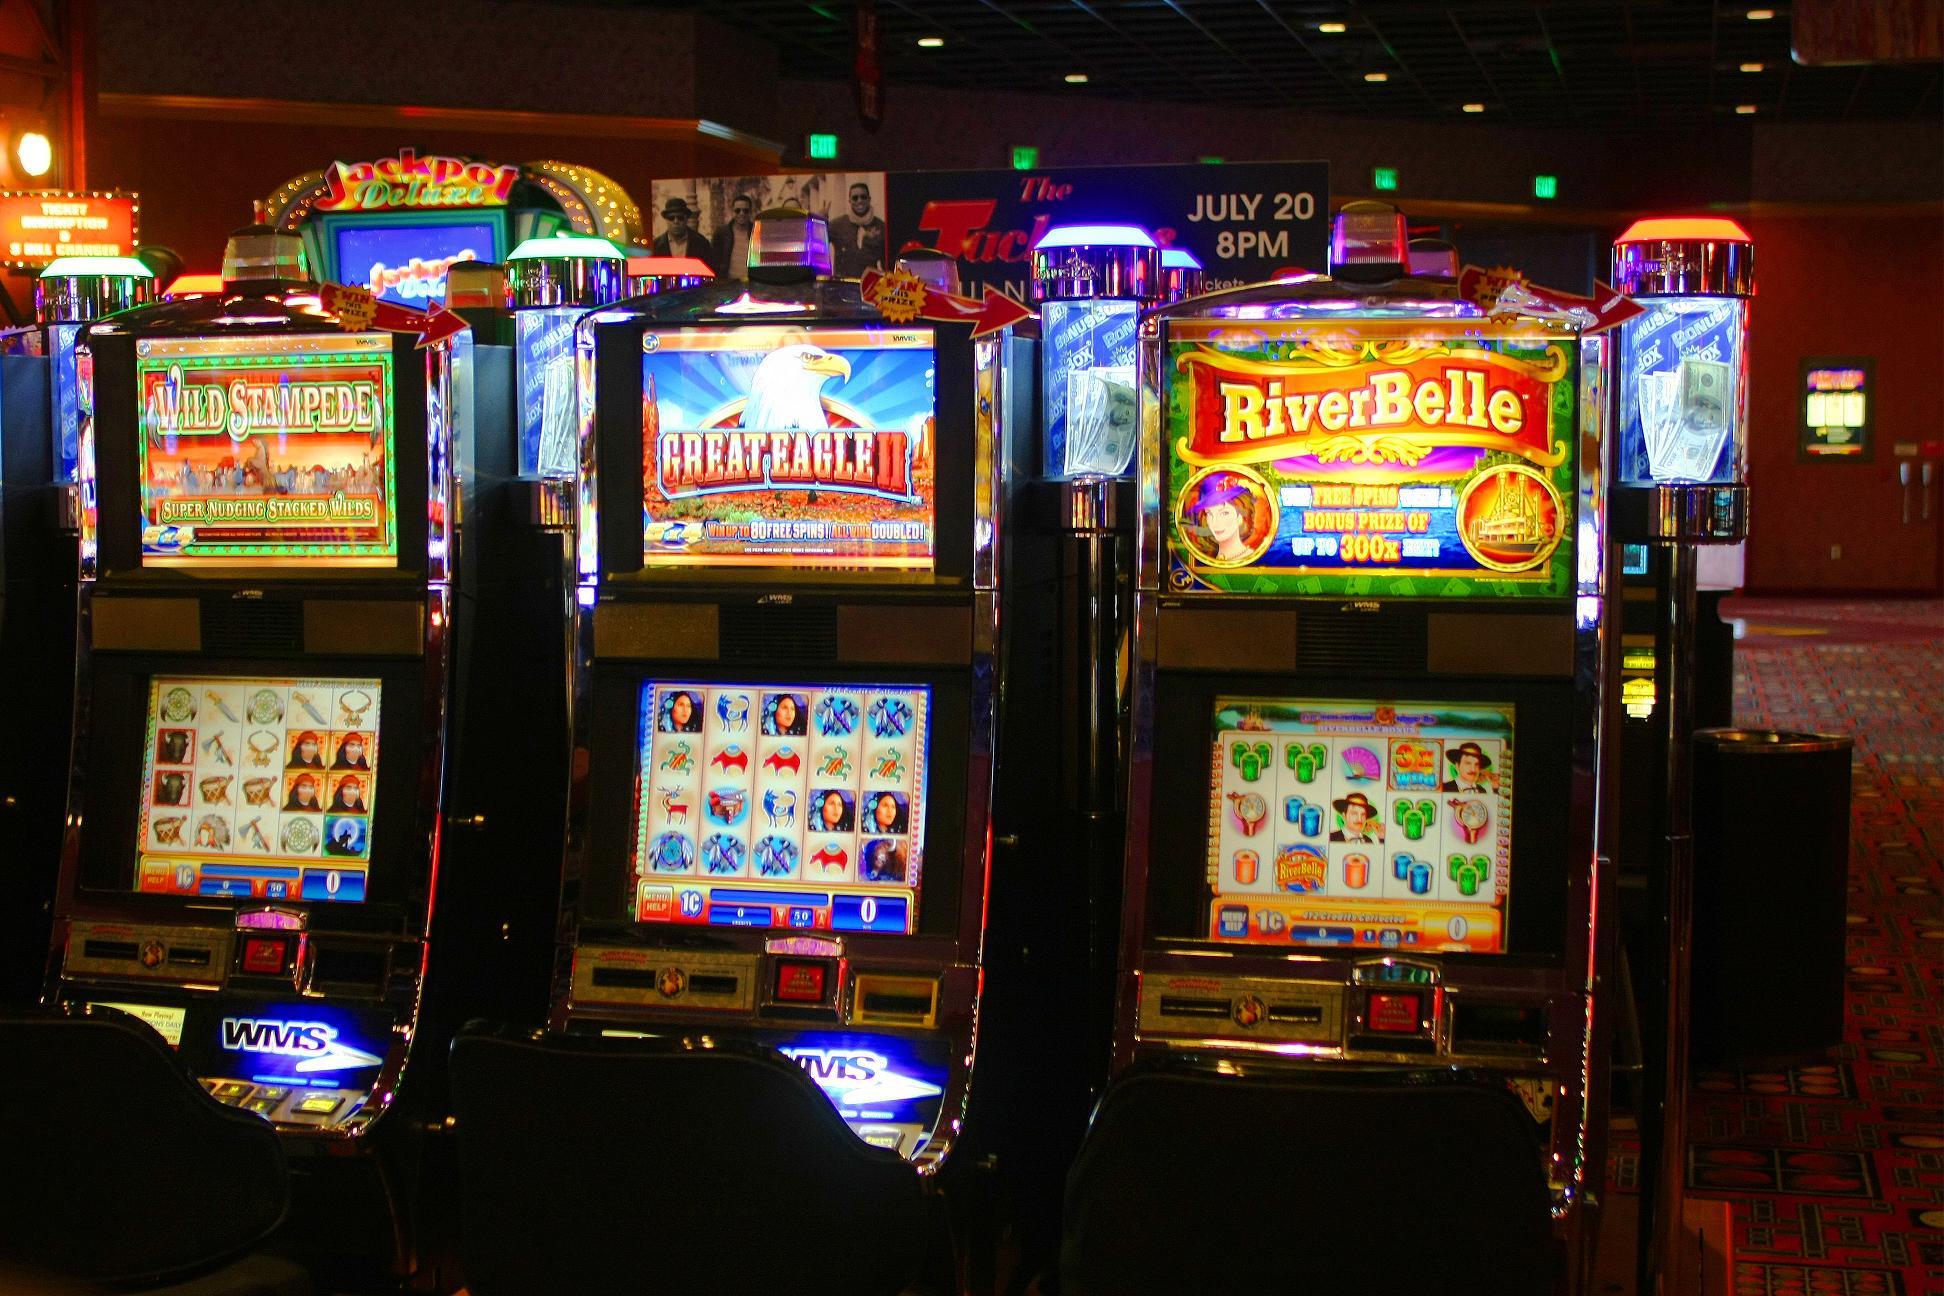 Игровые аппараты новости 2012 игровые автоматы в арендуемом помещении